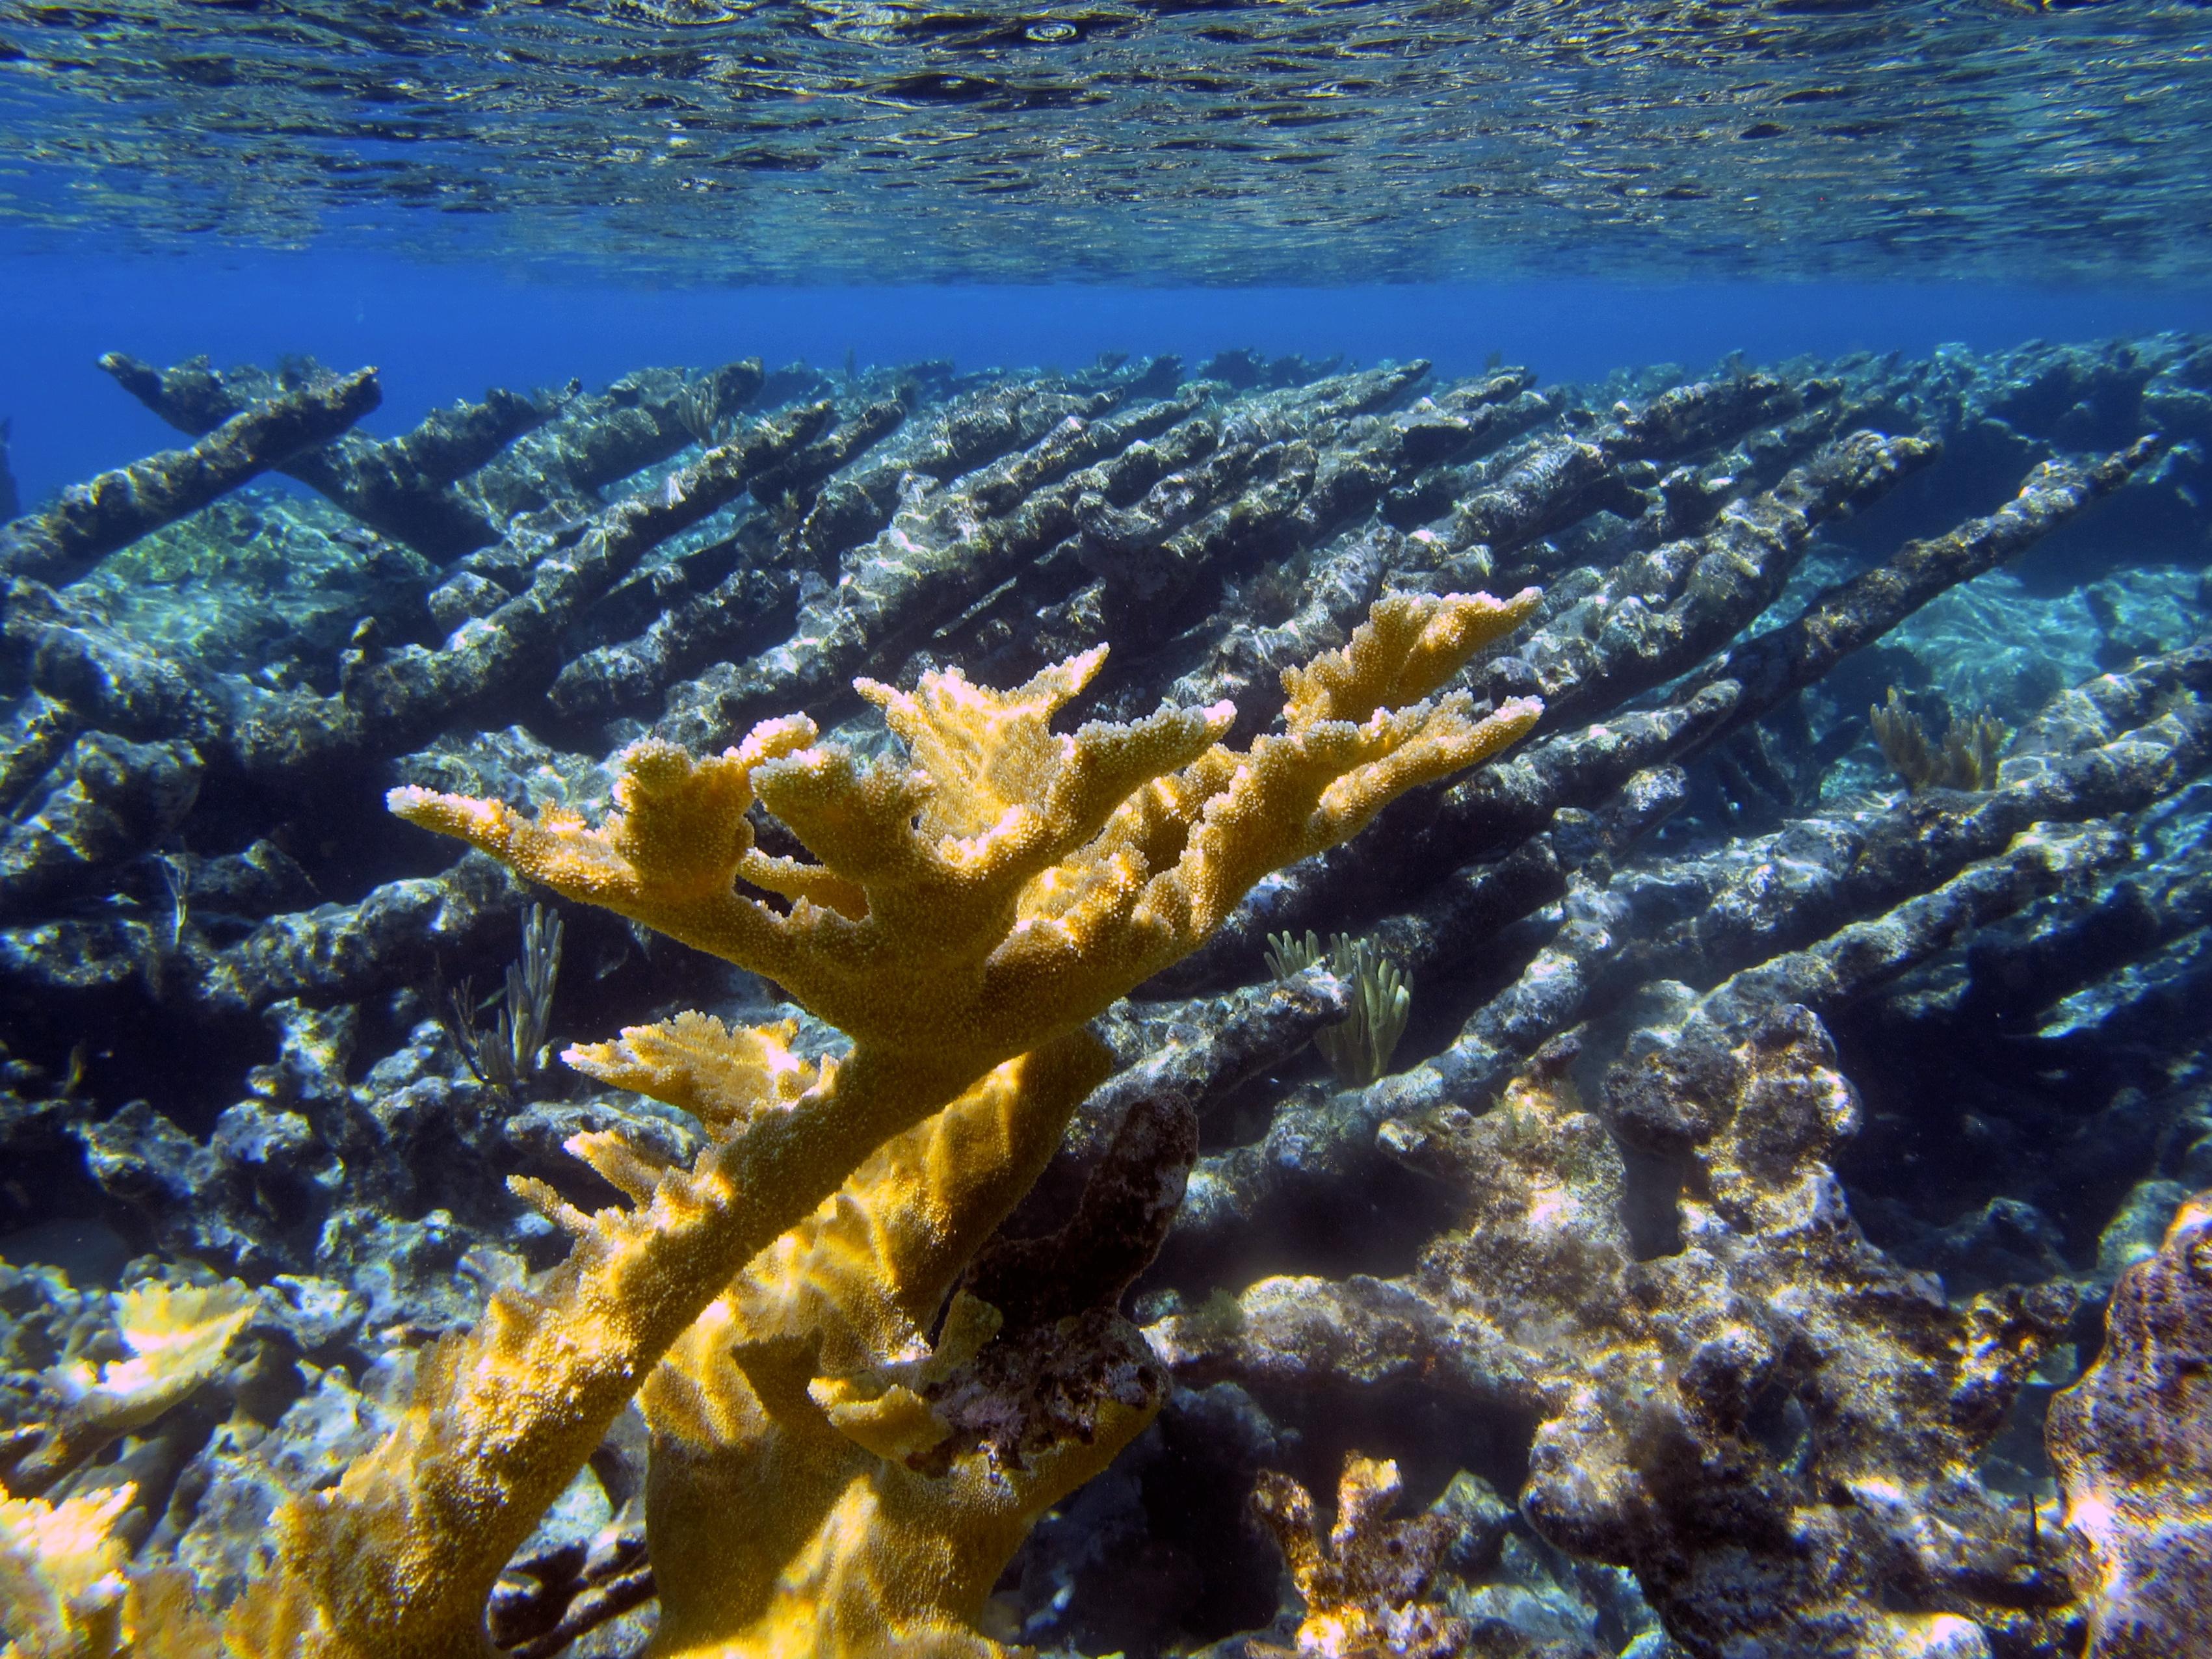 acropora-palmata-elkhorn-coral